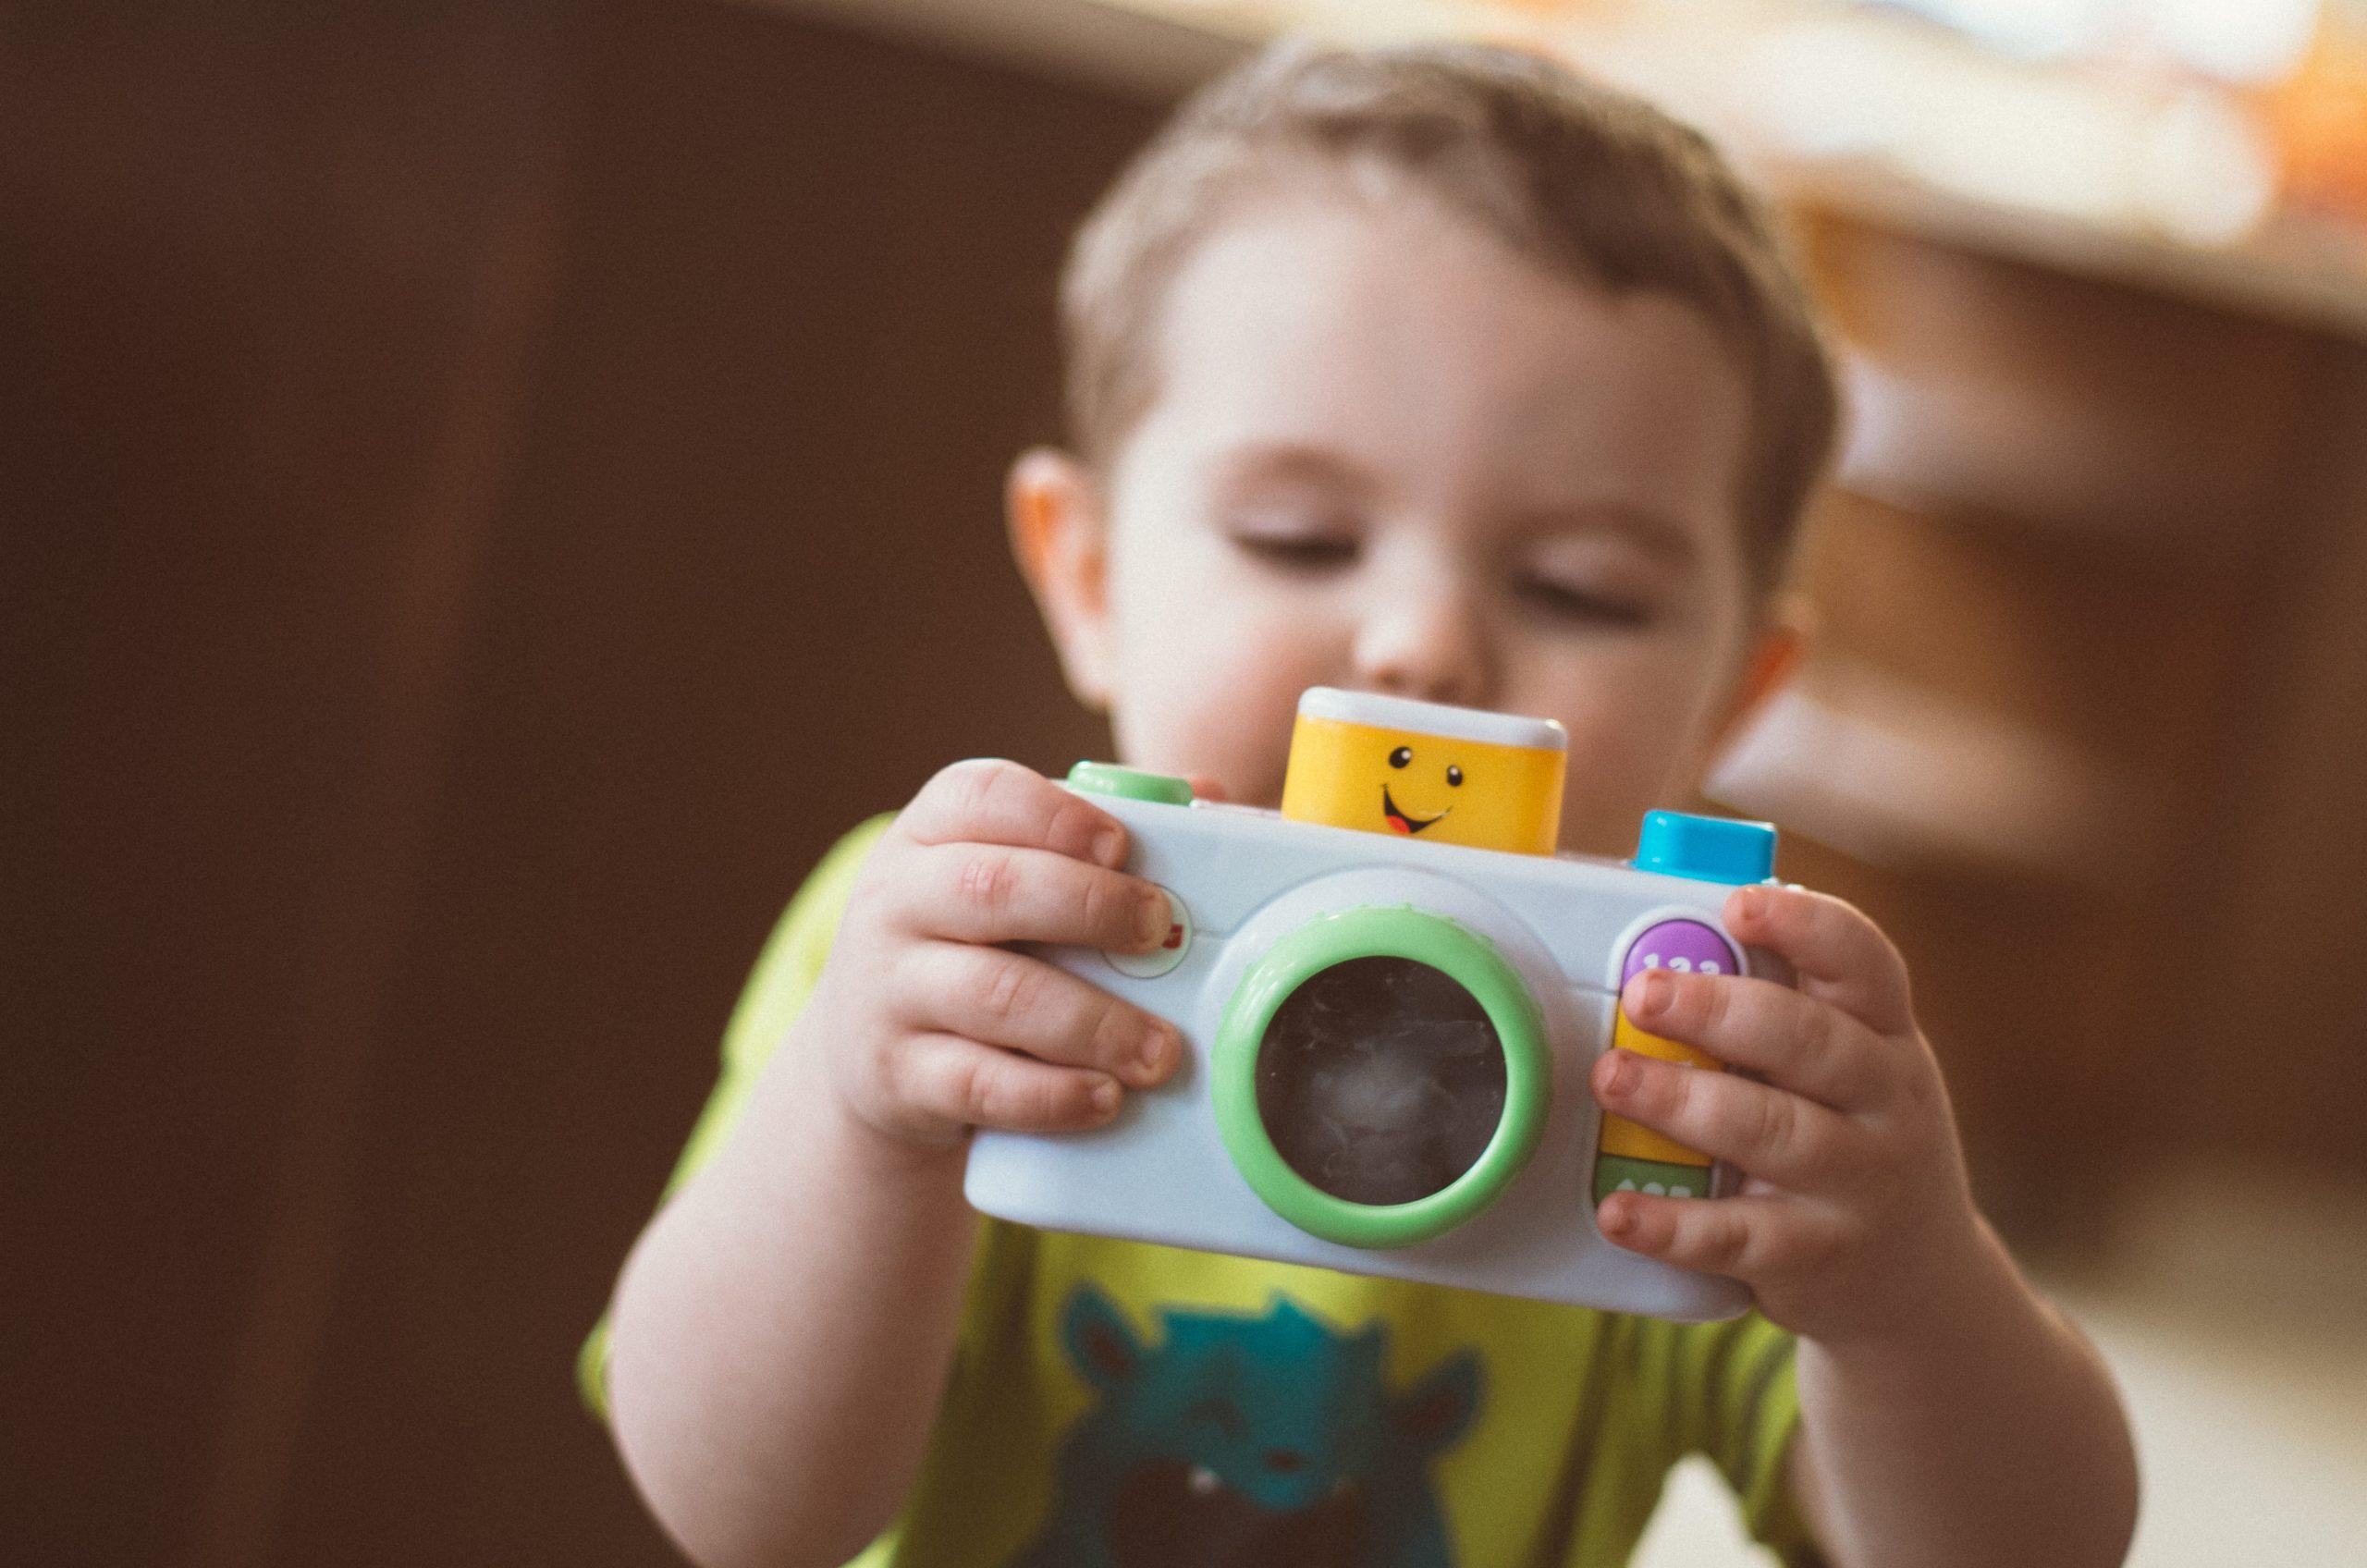 Kinderkamera: Test & Empfehlungen (11/20)